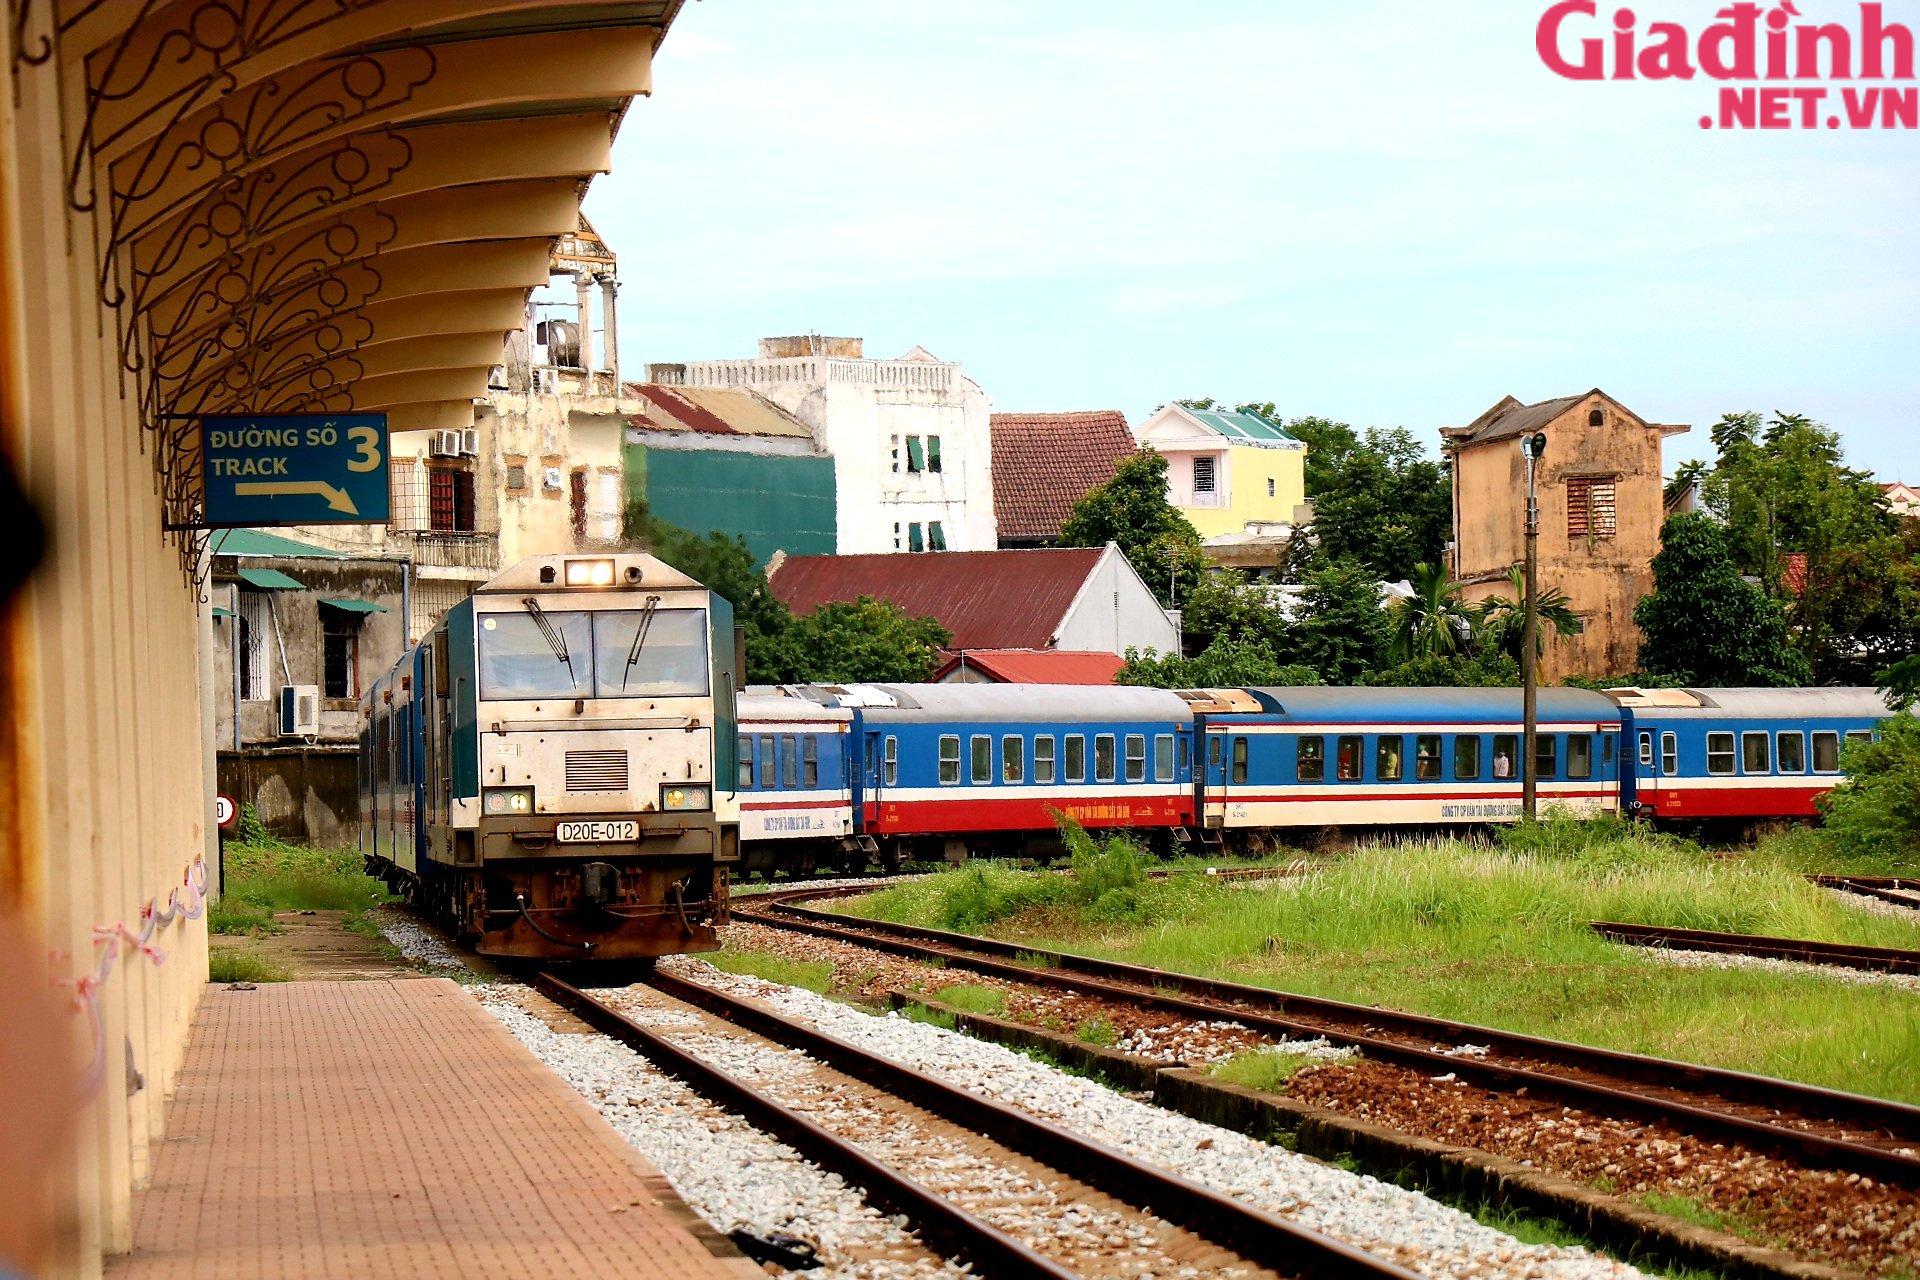 """Chuyến tàu """"yêu thương"""" đưa hàng trăm công dân Thừa Thiên Huế từ TP. HCM về quê - Ảnh 1."""